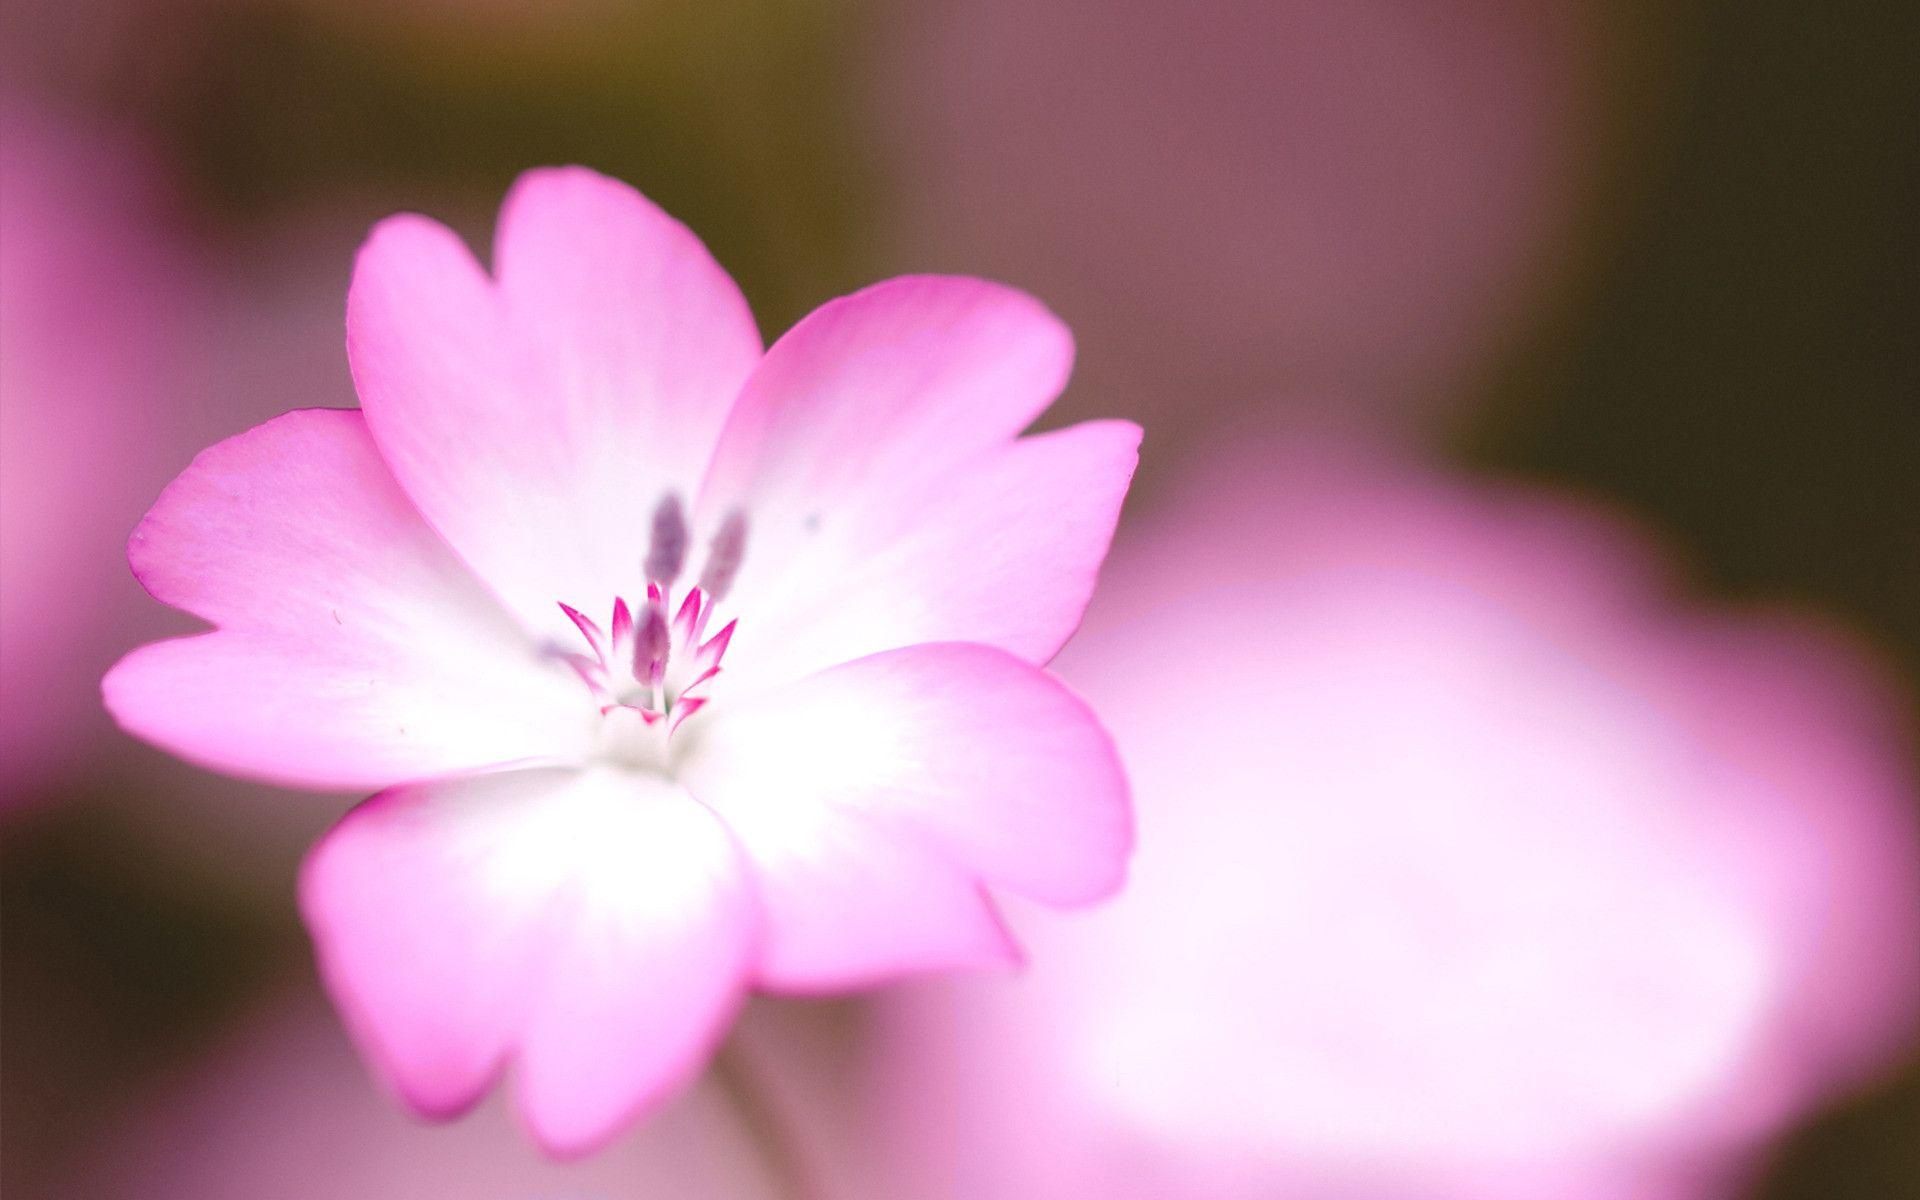 Flowers Amazing Flower 1920x1200